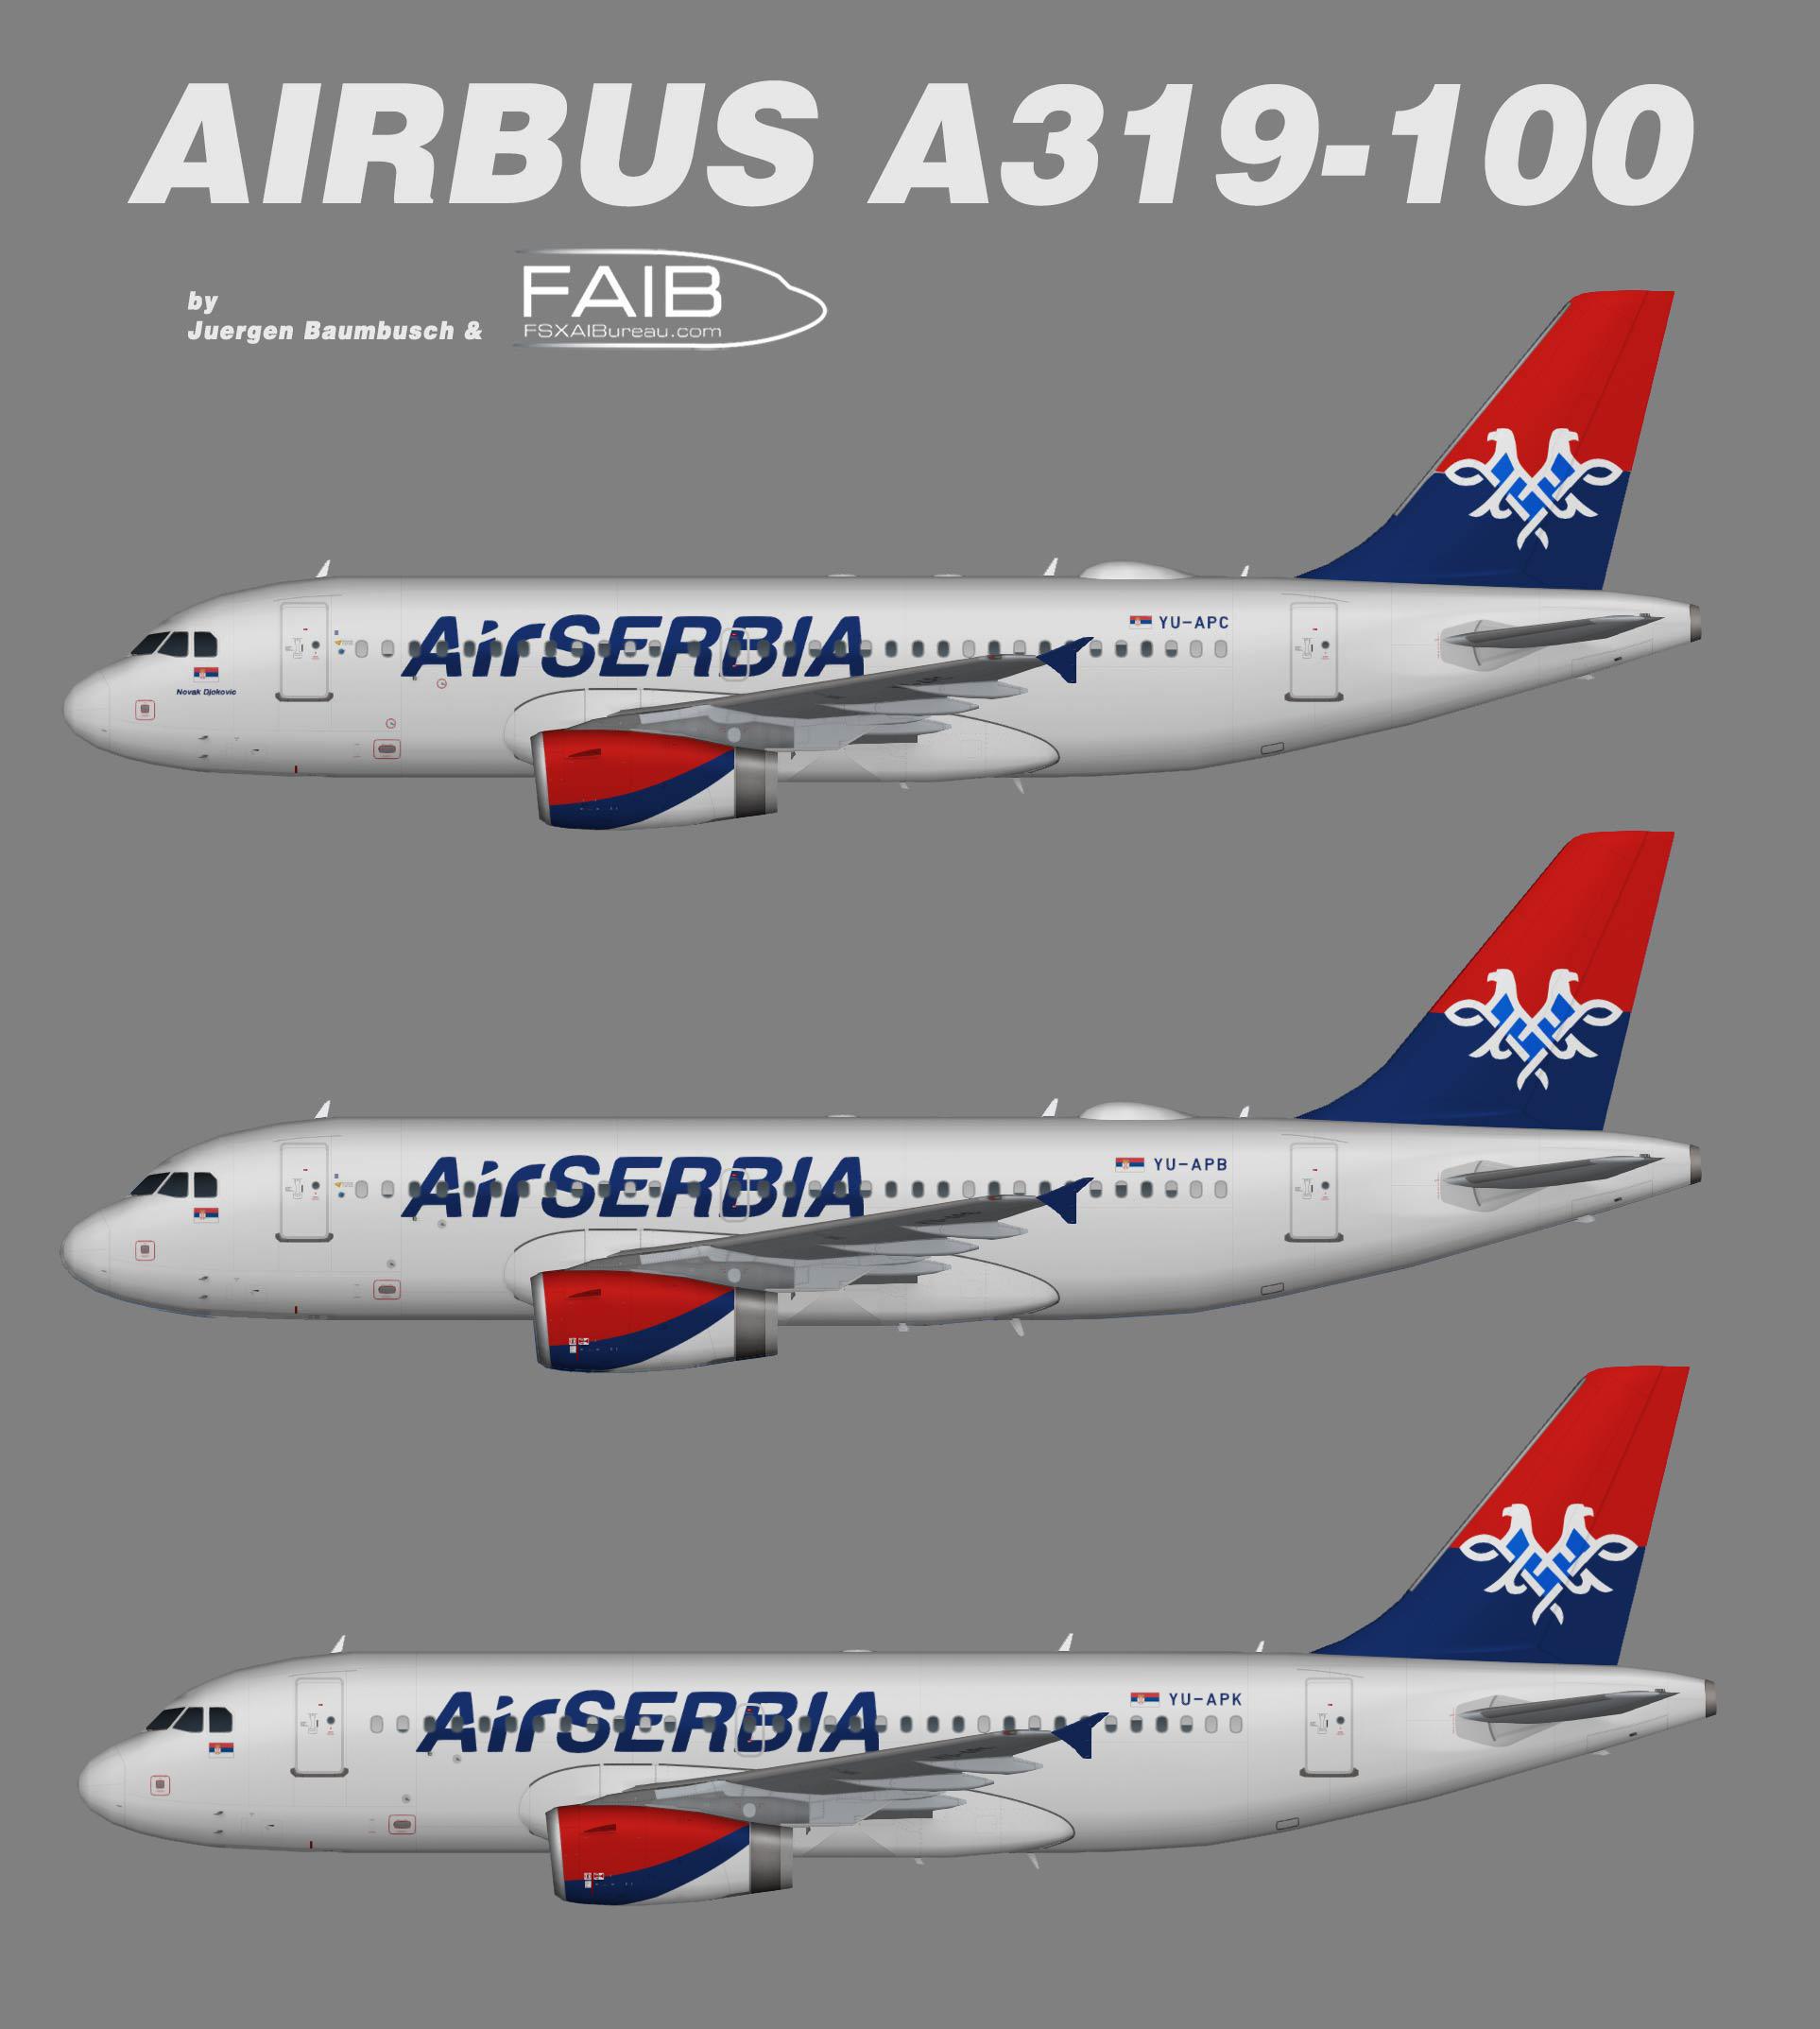 Air Serbia Airbus A319-100